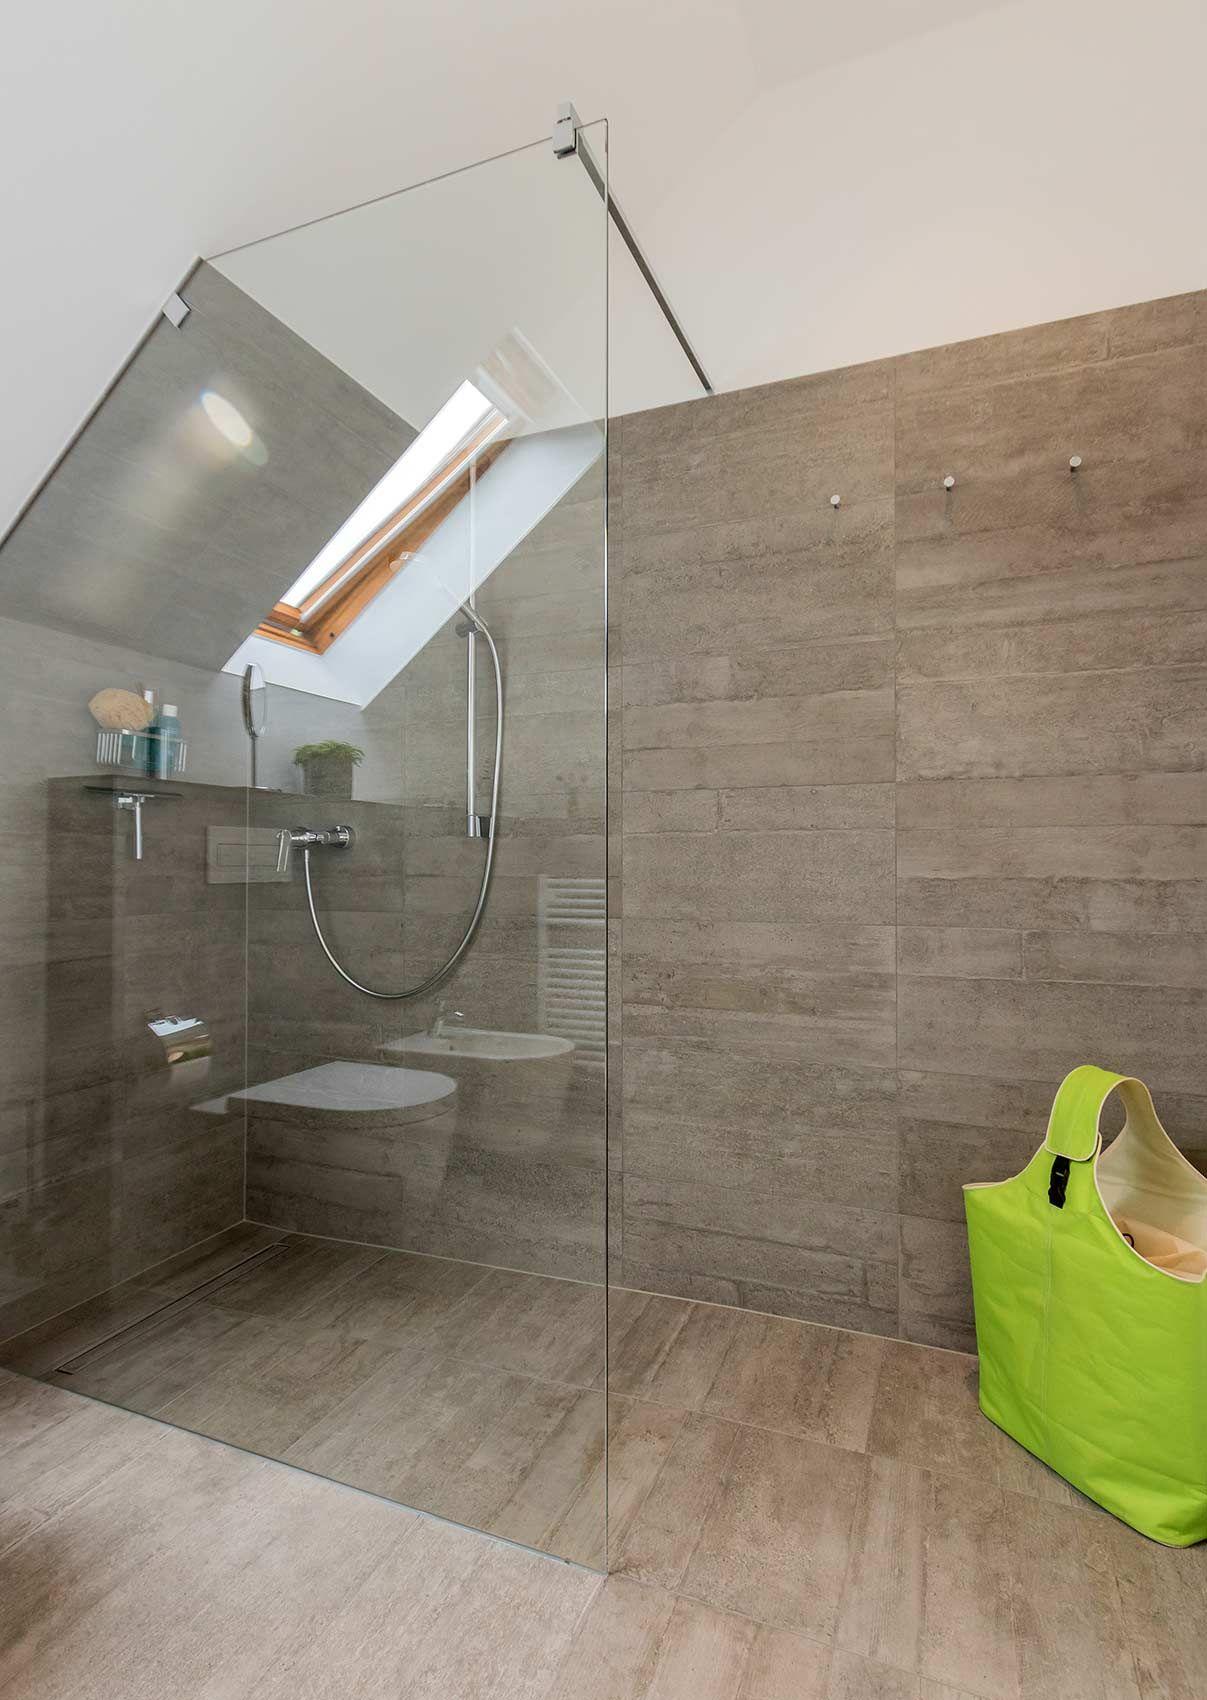 Full Size of Badezimmer Dachschrge Grohe Thermostat Dusche Breuer Duschen Ebenerdig Begehbare Fliesen Bodengleiche Nachträglich Einbauen Hüppe Ohne Tür Sprinz Unterputz Dusche Begehbare Dusche